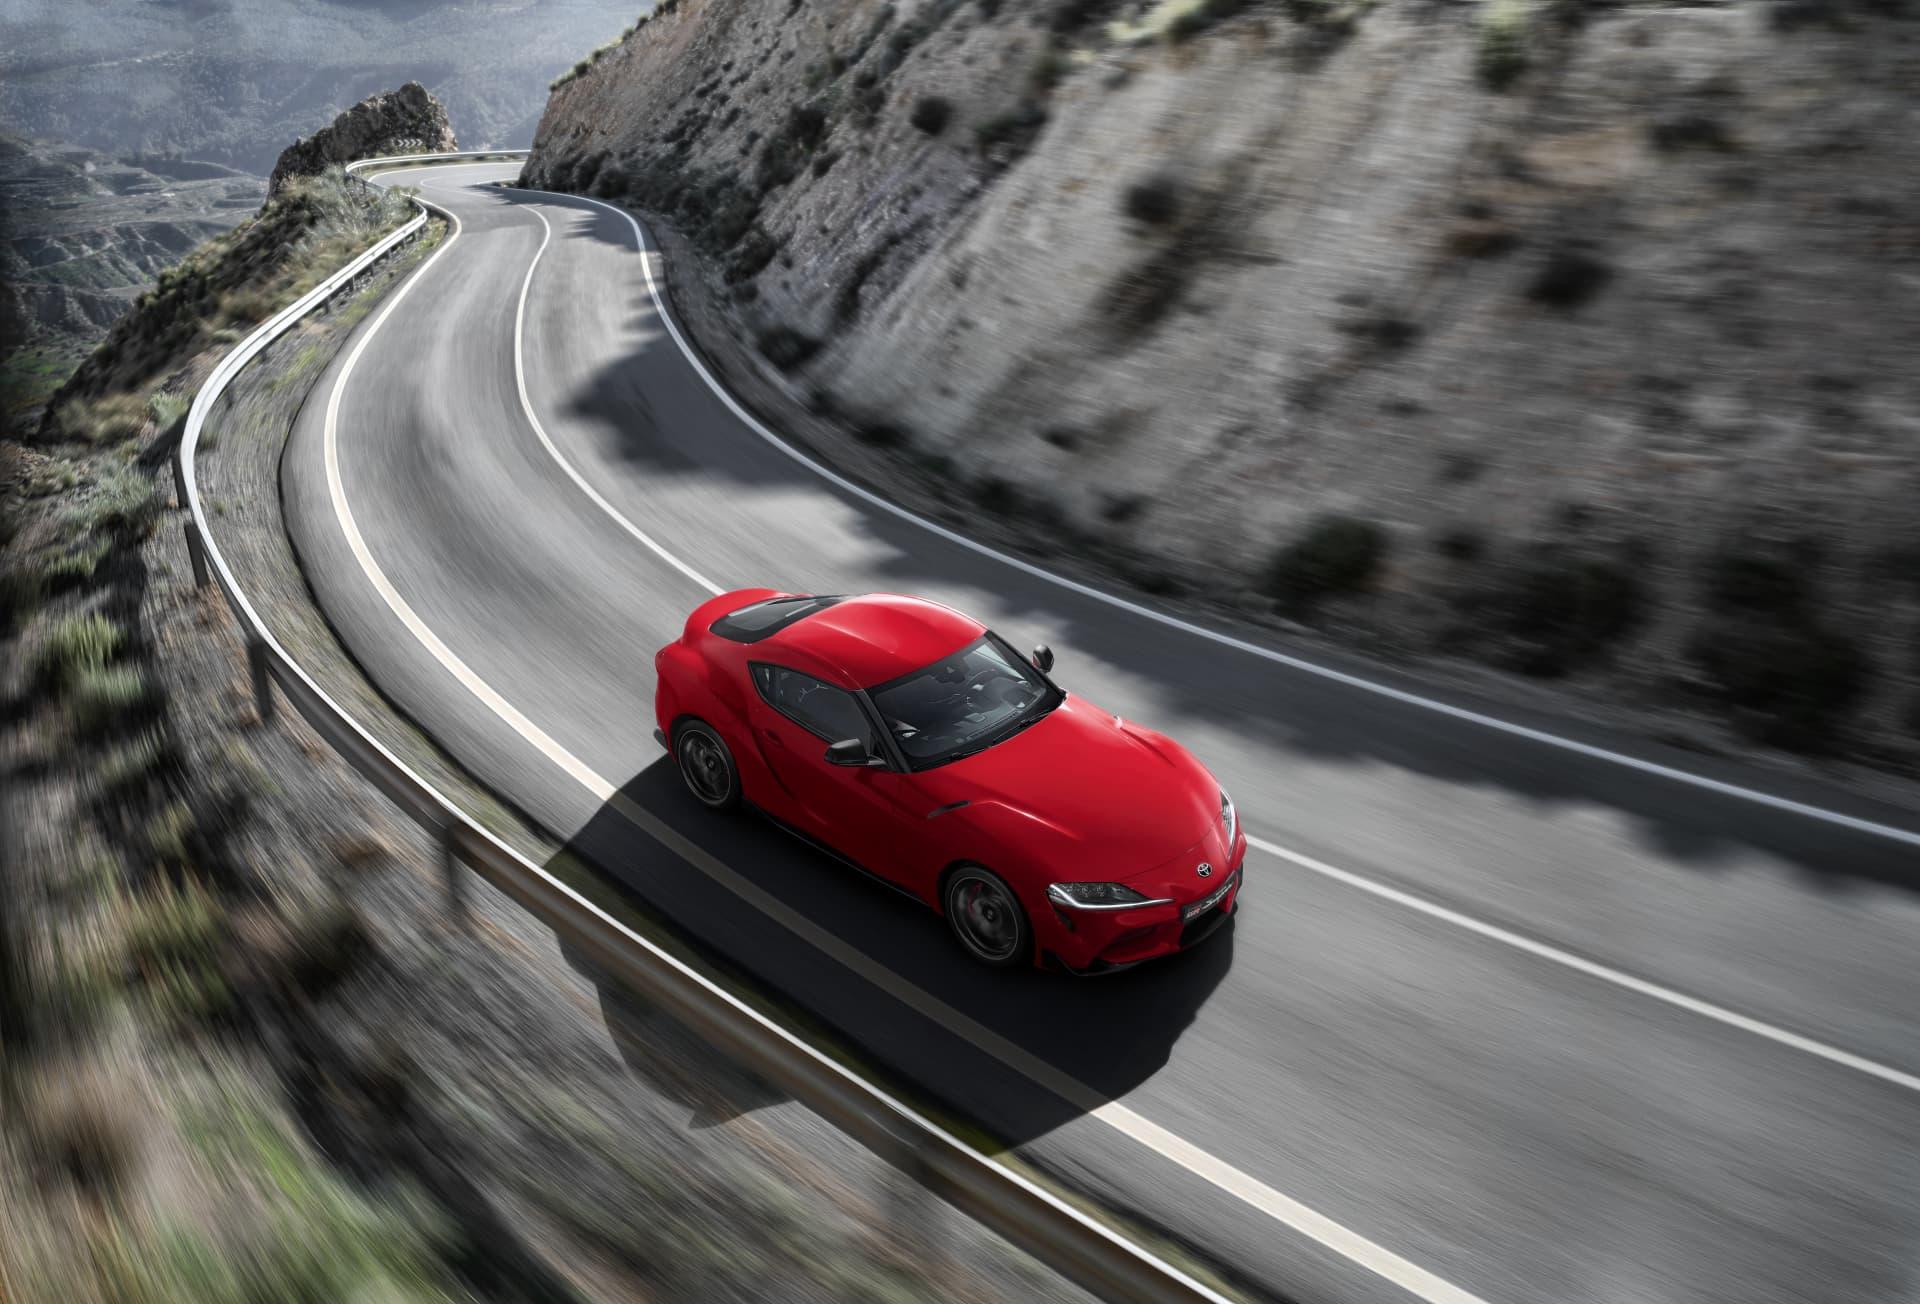 Todos Los Detalles Rojo Exterior Toyota Supra Red Location 002 774440